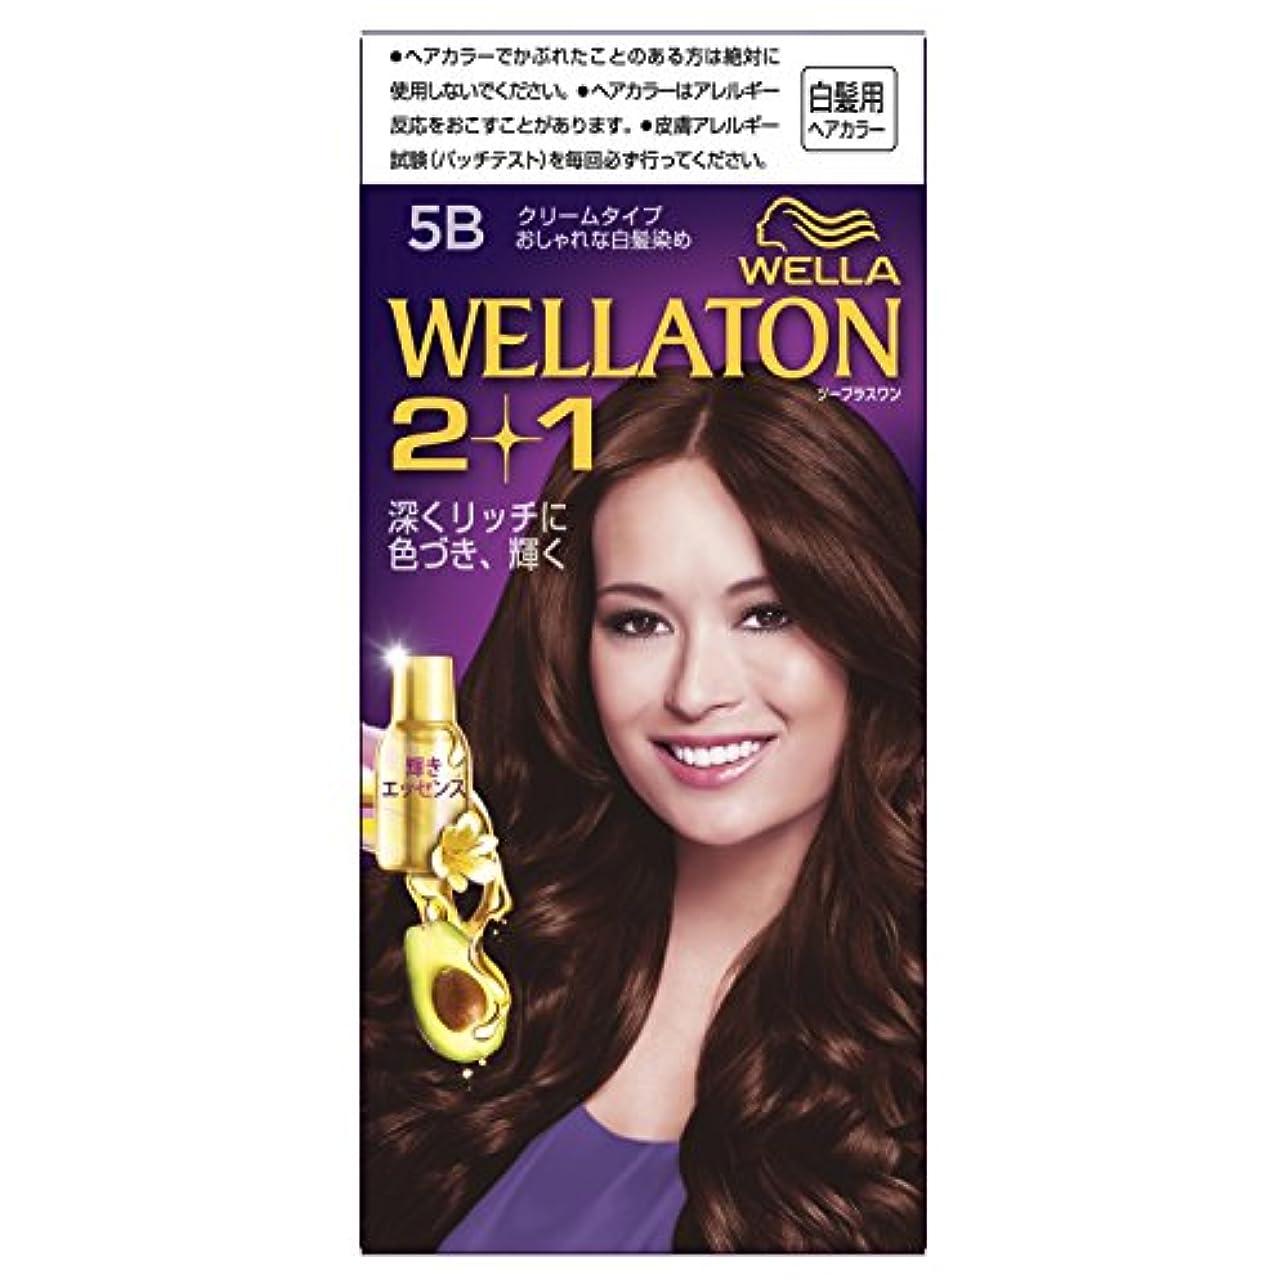 十分に推測する避難するウエラトーン2+1 クリームタイプ 5B [医薬部外品](おしゃれな白髪染め)